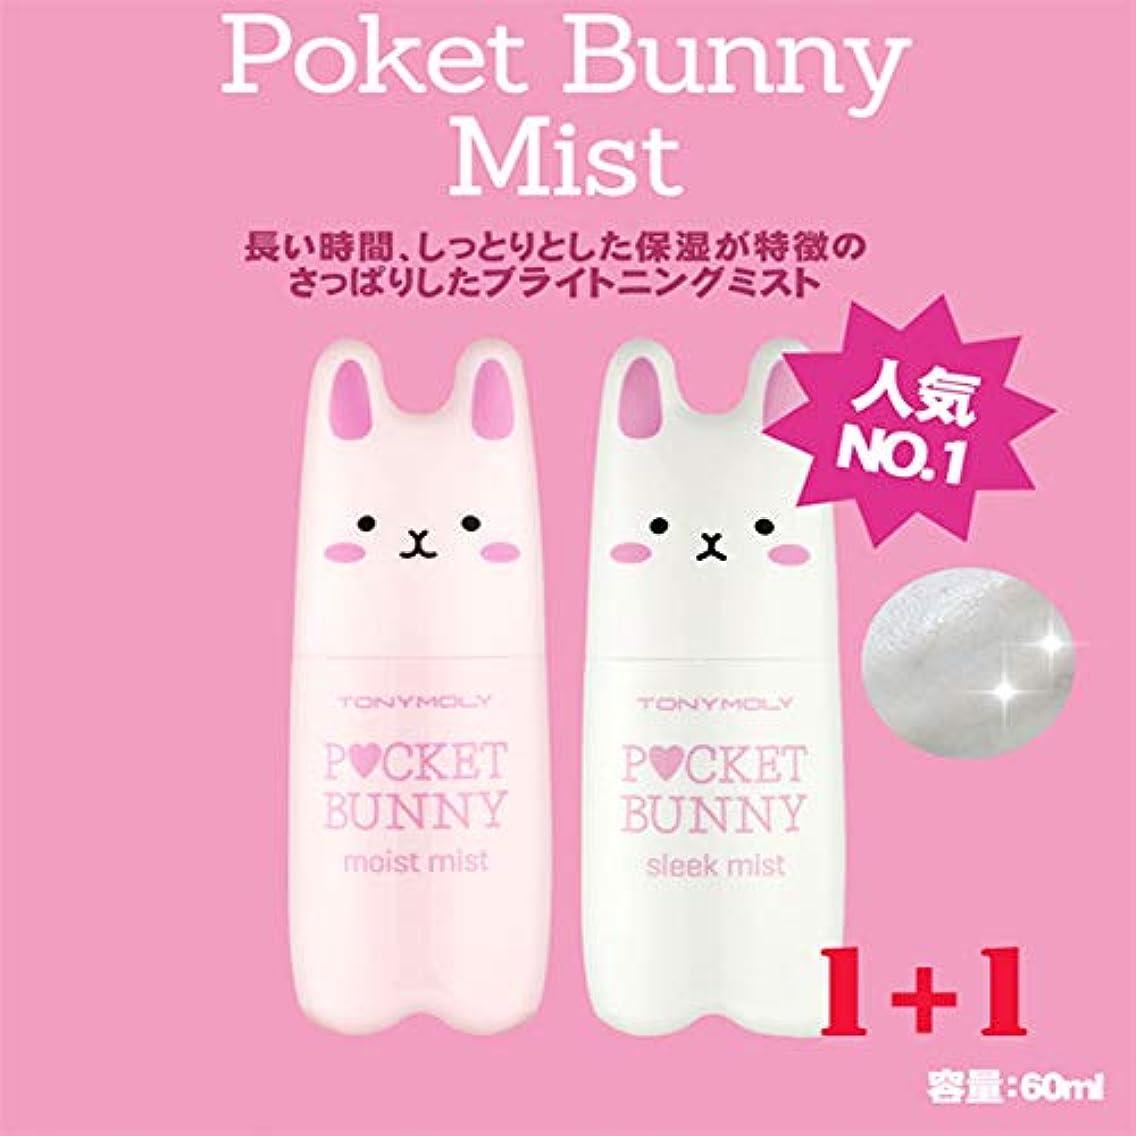 管理驚いた絶望[TONYMOLY]★1+1★トニーモリー ポケットバニー ミスト?すべすべタイプ +モイスト?ミスト,ピンク (Pocket Bunny Mist Sleek Mist 60ml)+ (Pocket Bunny Moist...